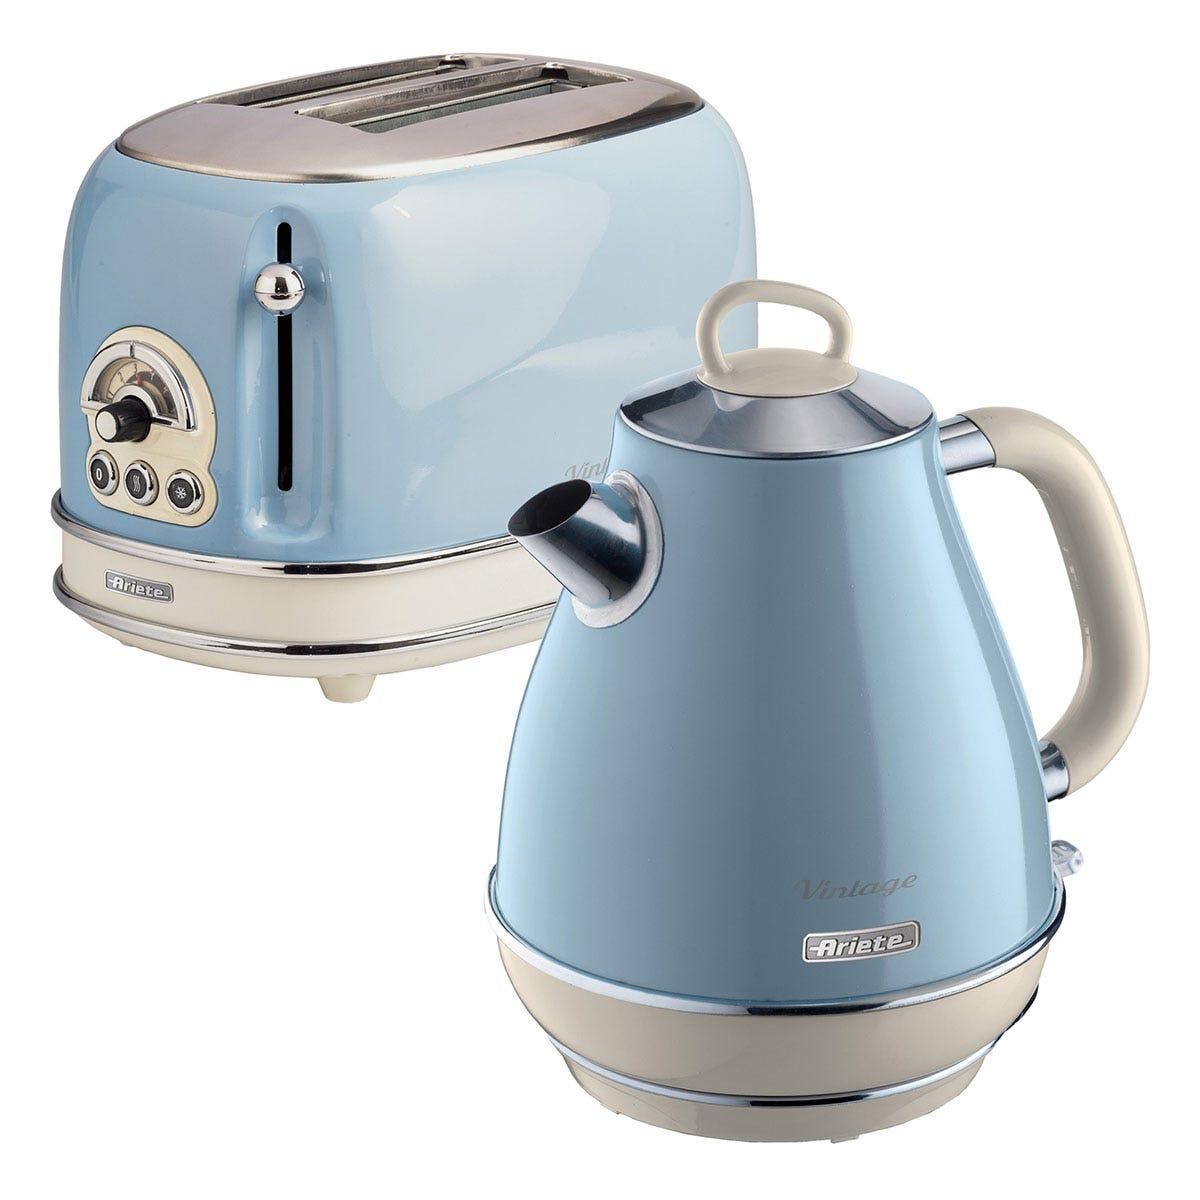 Ariete ARPK3 Vintage 2-Slice Toaster and 1.7L Jug Kettle - Blue